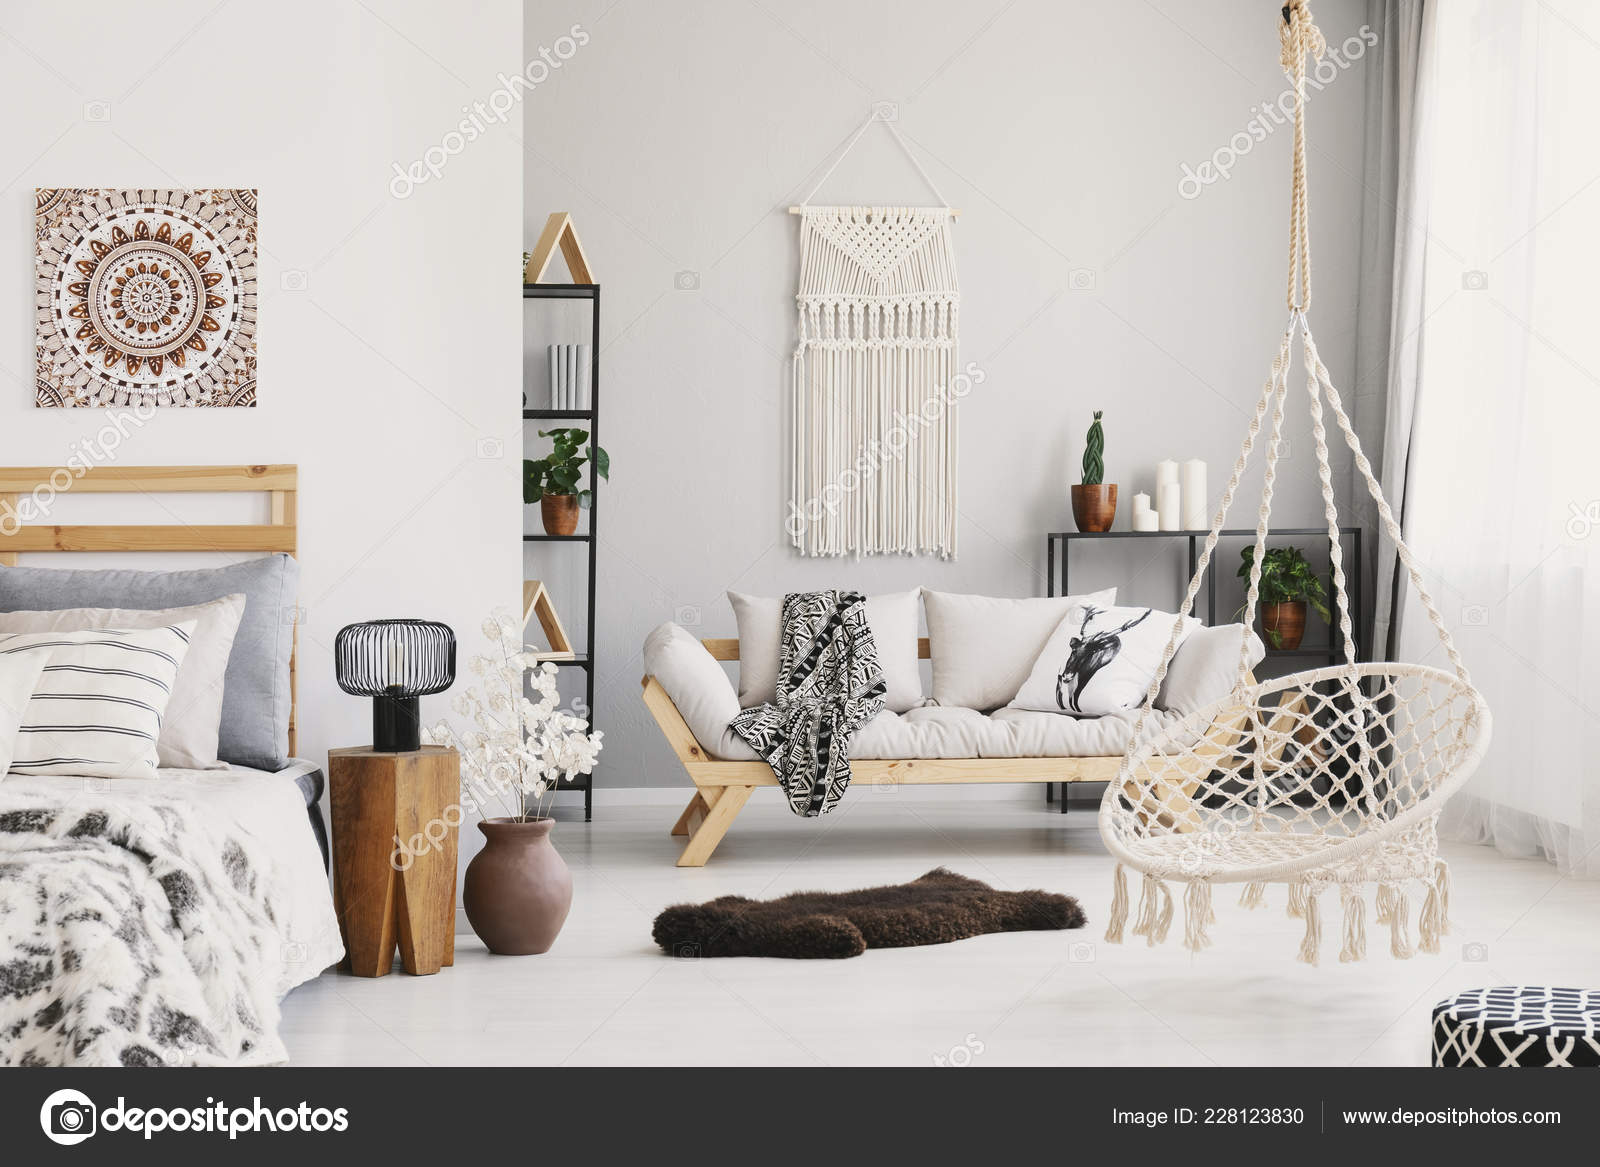 Intérieur Avec Beige Mur Lumineux Canapé Sur Salon Macramé OPXTiukZ